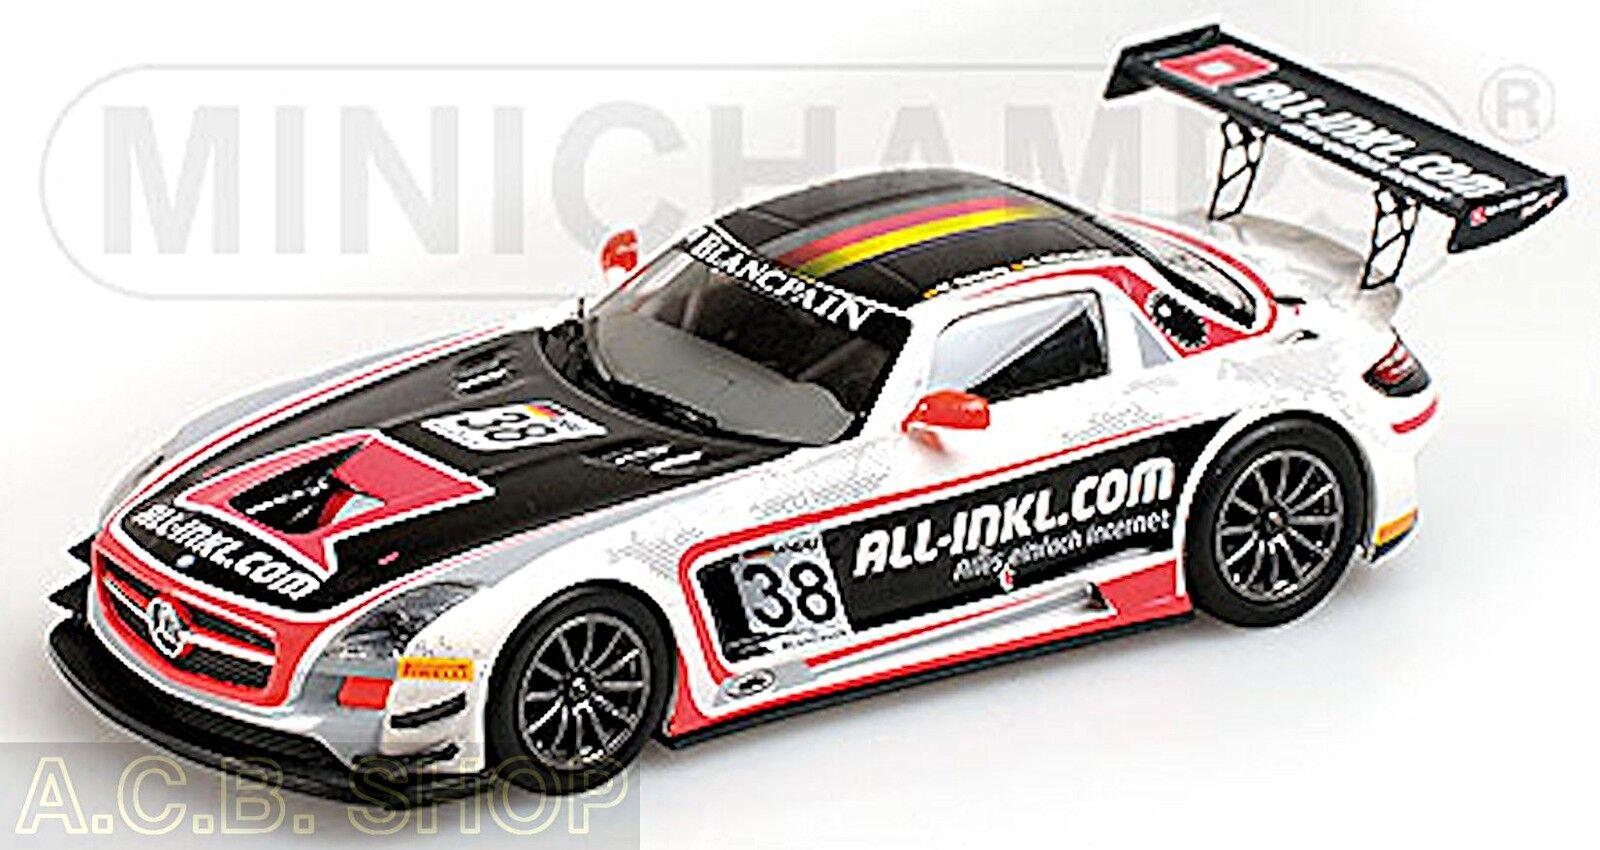 scegli il tuo preferito MERCEDES SLS AMG gt3 fia gt1 WC WC WC CHAMPION 2012   38 1 43 Minichamps  all'ingrosso a buon mercato